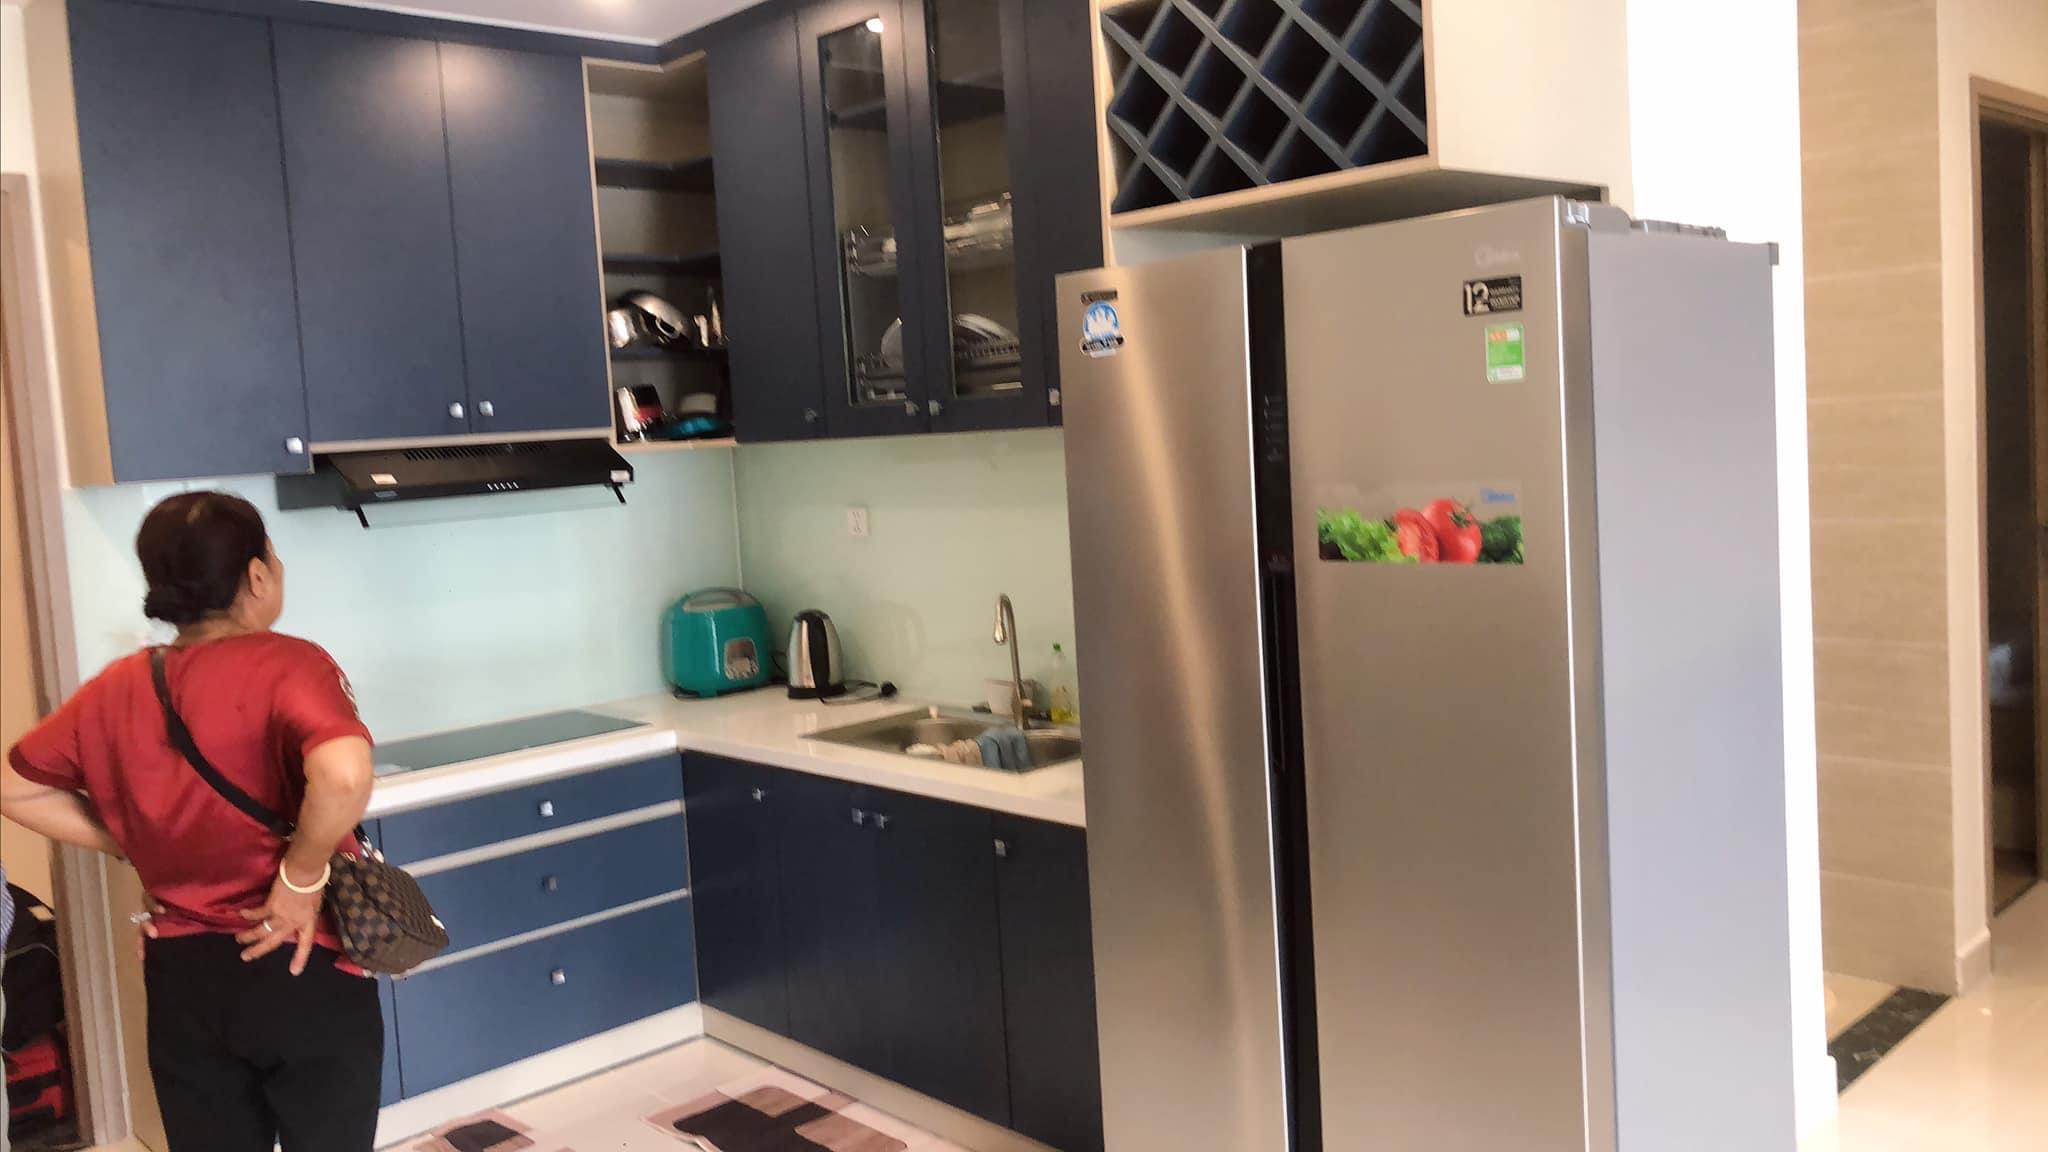 Căn hộ 2 phòng ngủ nội thất mới tầng 7 toà S1.06 giá 7,5tr/tháng 1